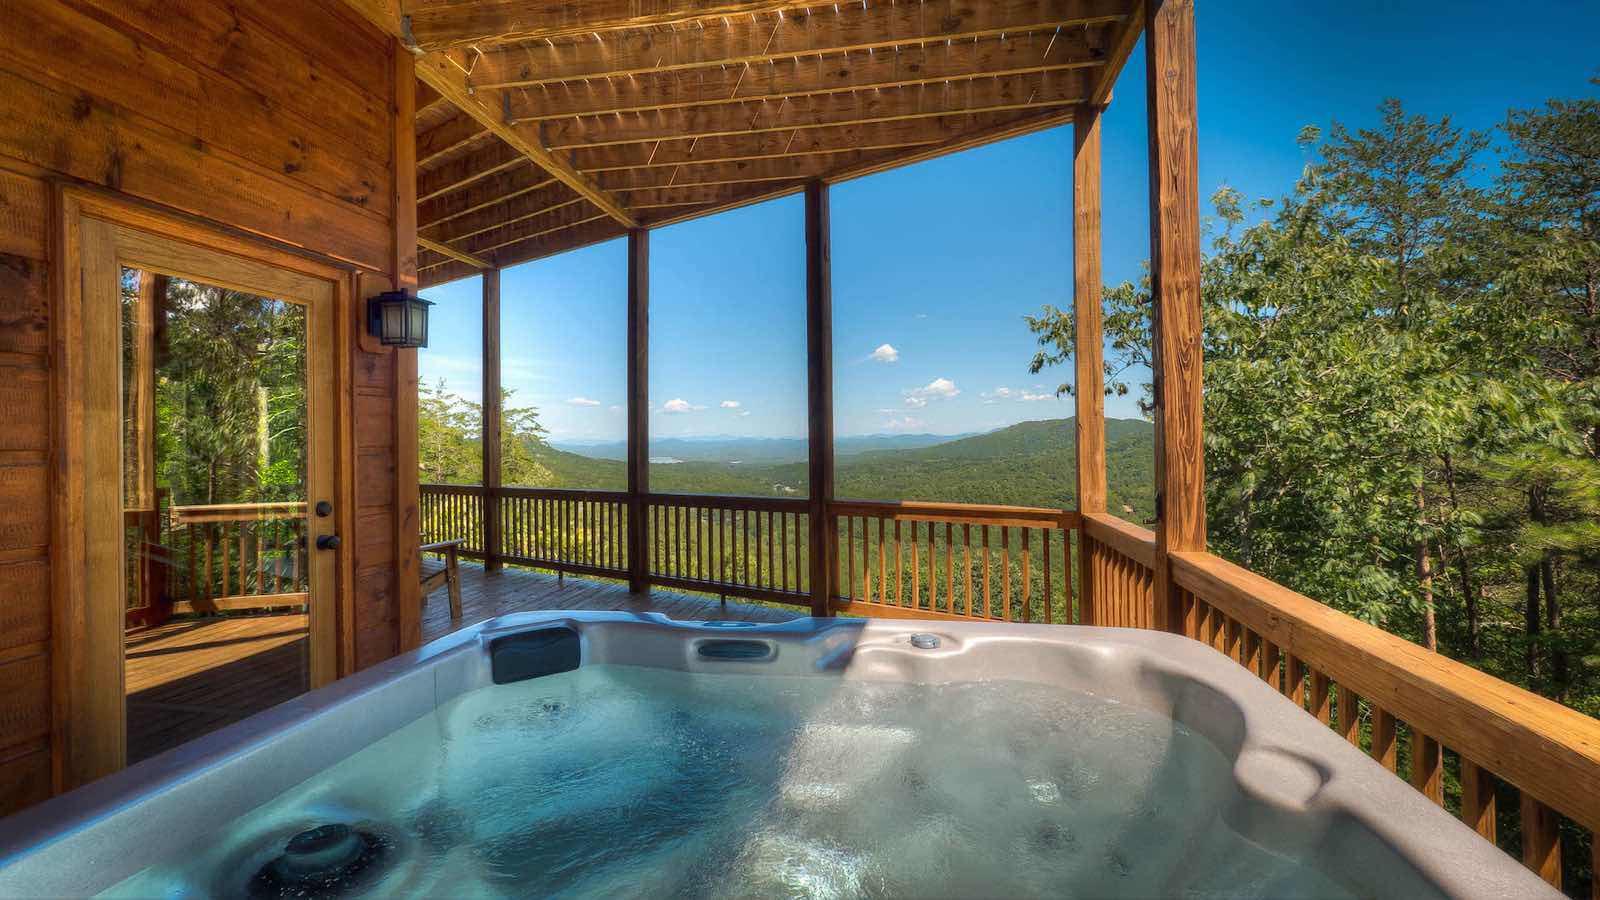 Endless View Lodge Rental Cabin Blue Ridge Ga